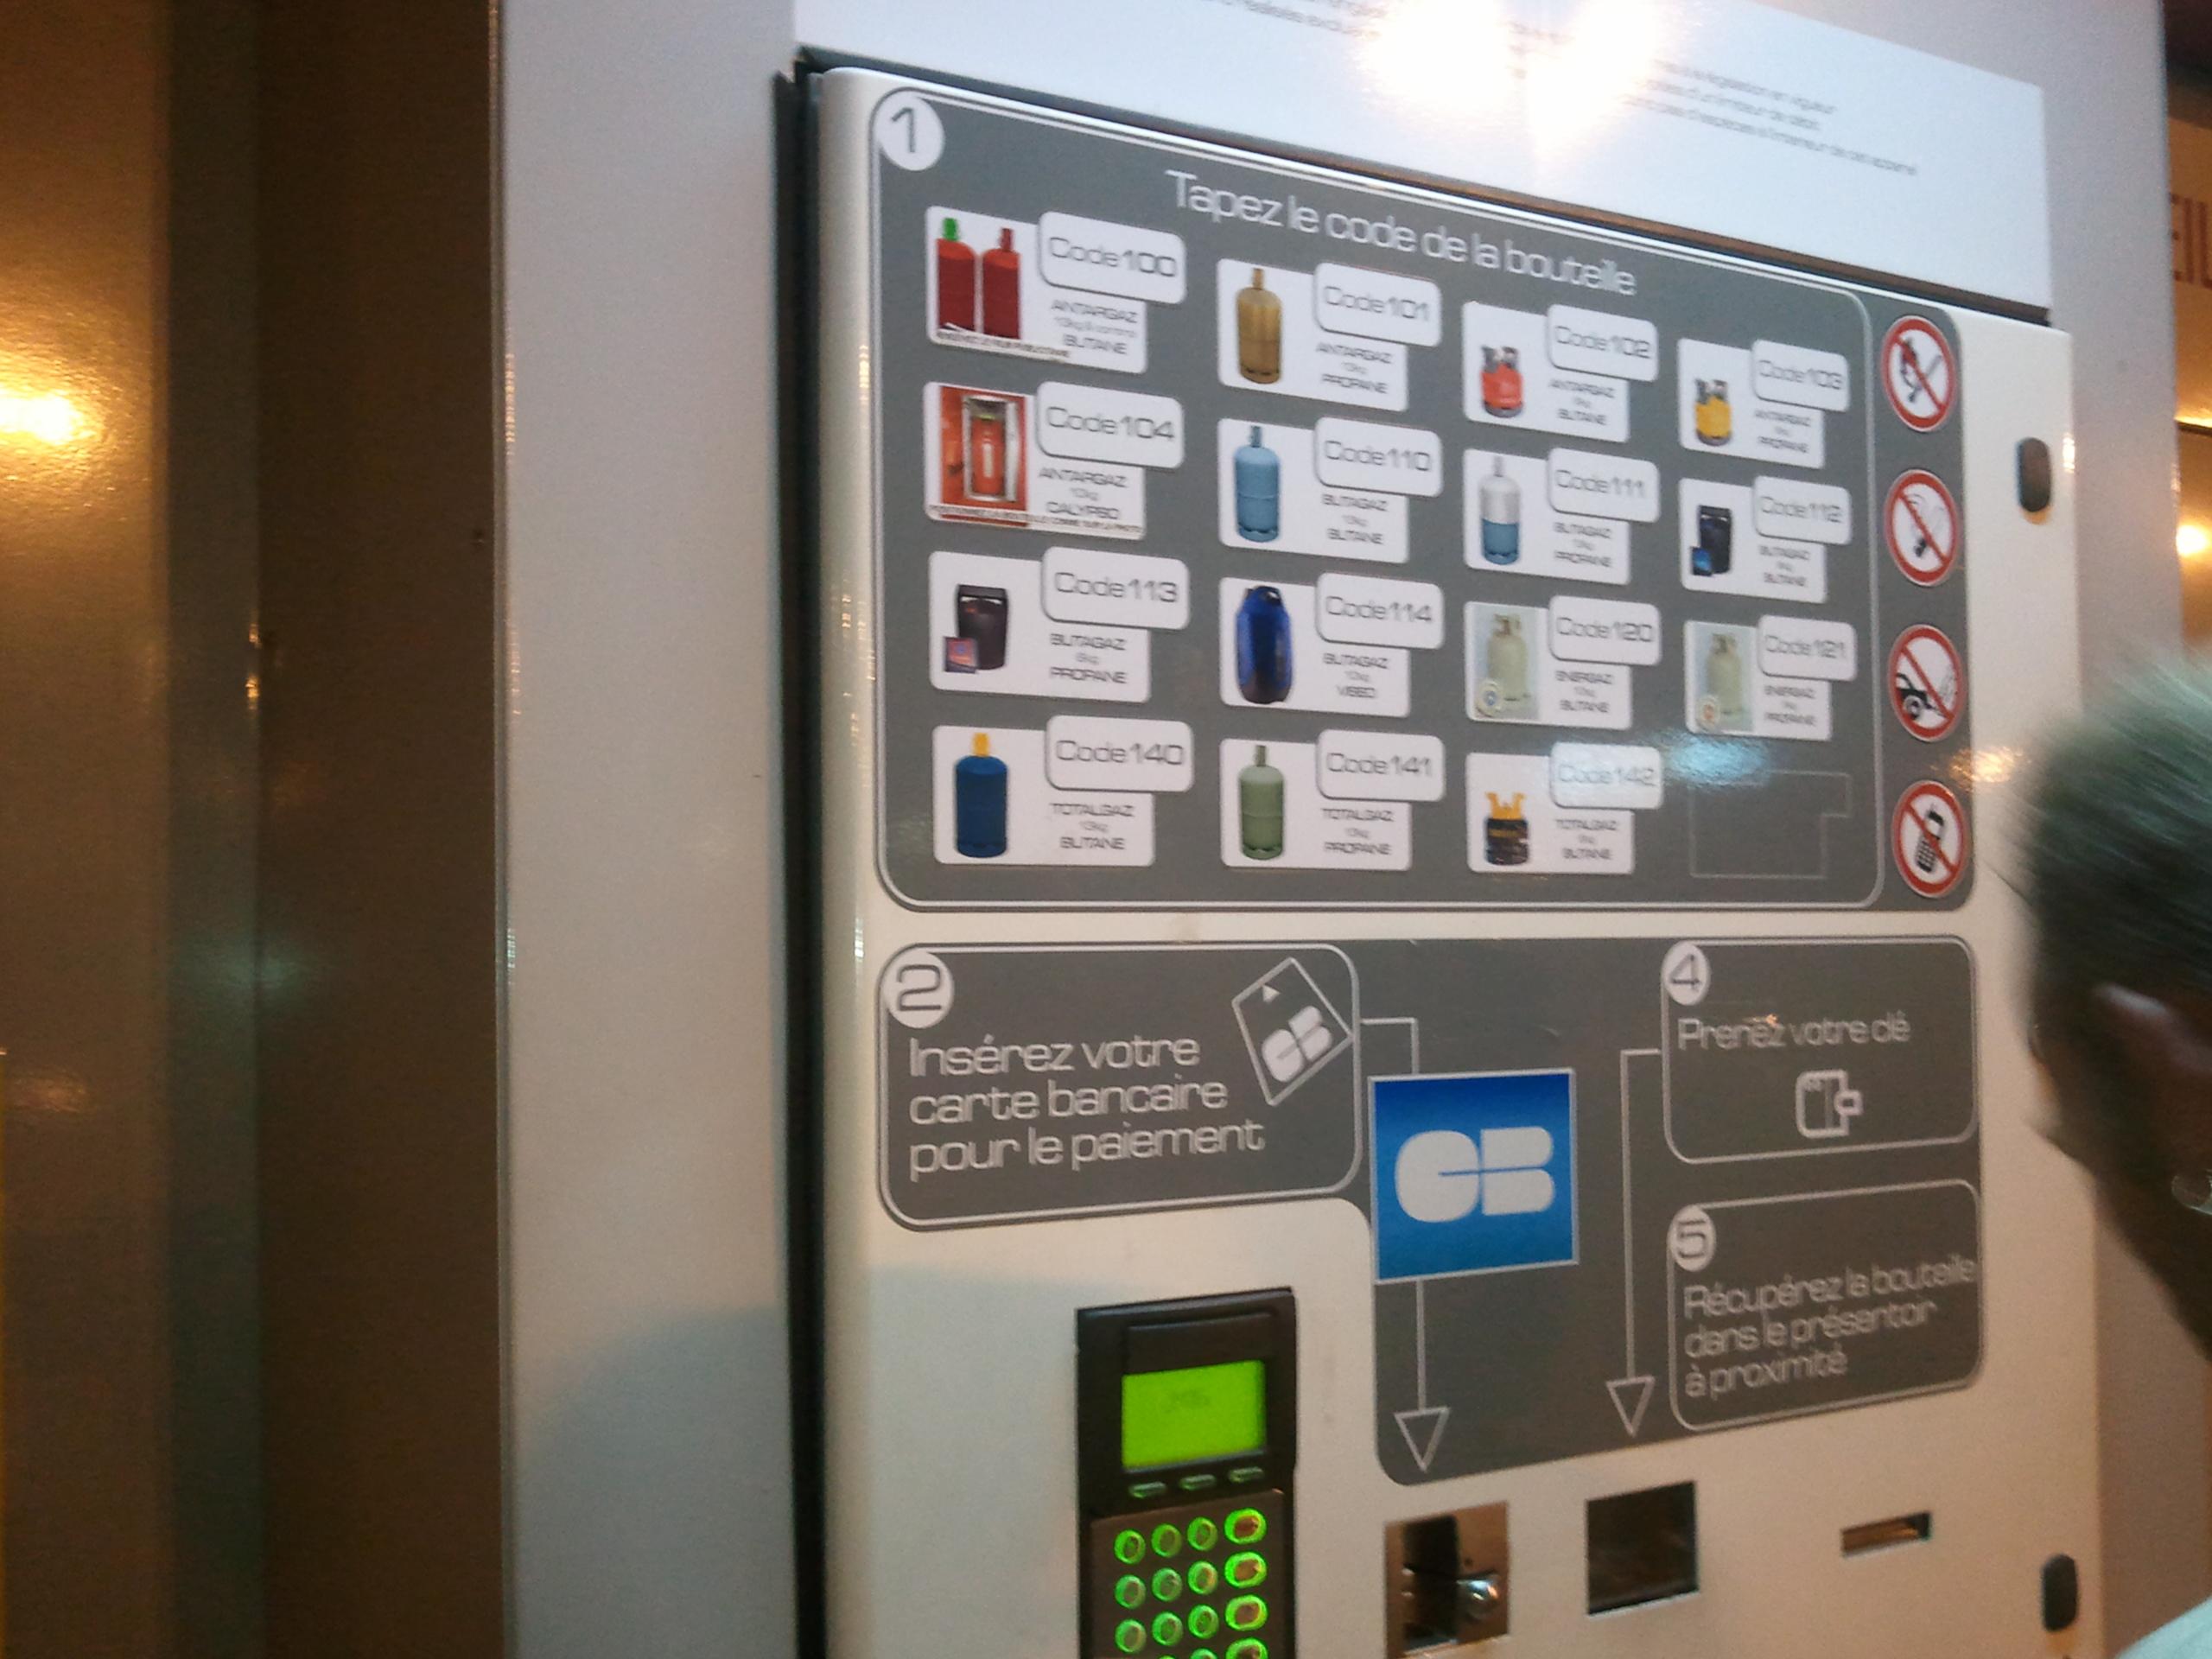 Distributeur bouteilles de gaz 24h 24h par cb grilladeur - Distributeur de bouteille de gaz automatique ...